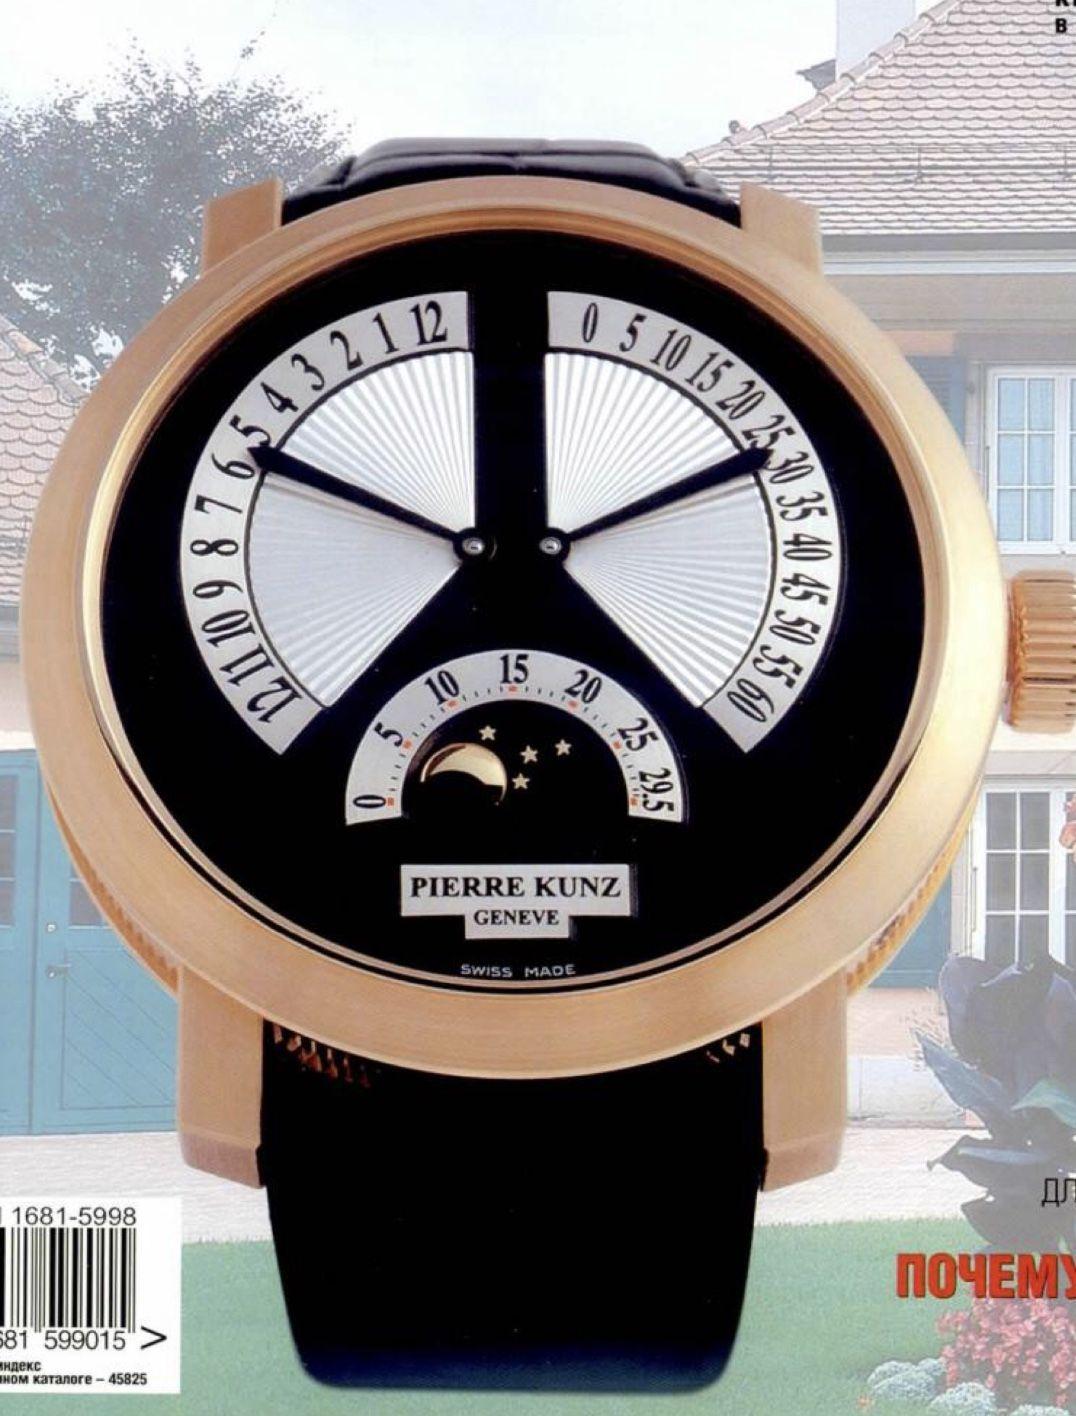 2cc4e7facf7 Best Watches For Men